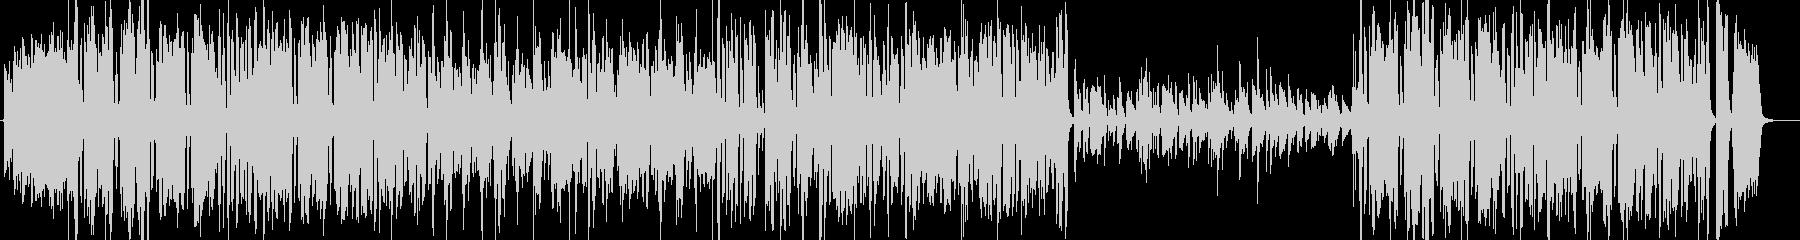 ベートーベン第九 歓喜の歌 ビッグバンドの未再生の波形